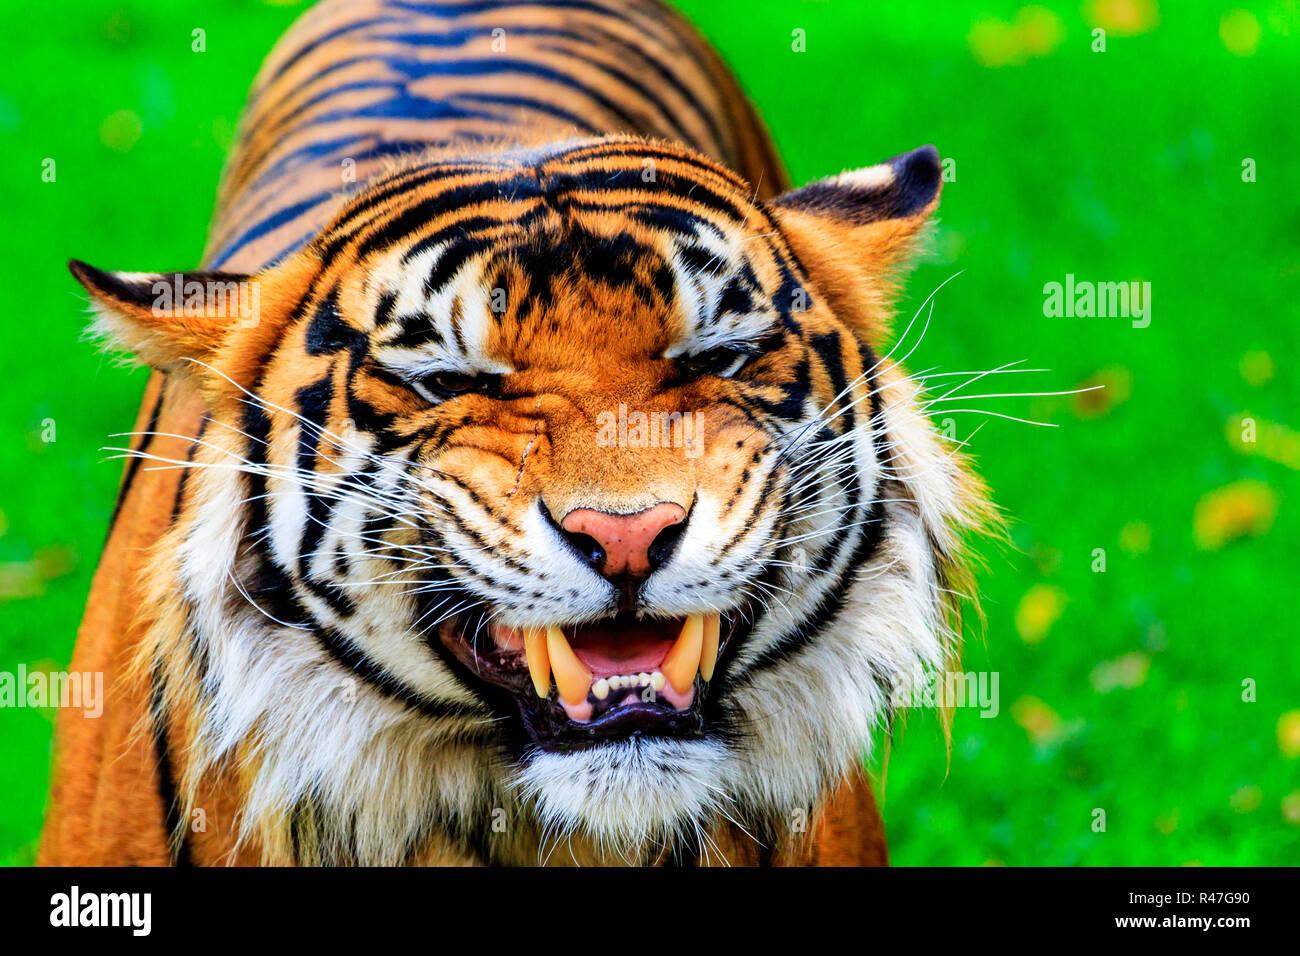 grinning tiger R47G90